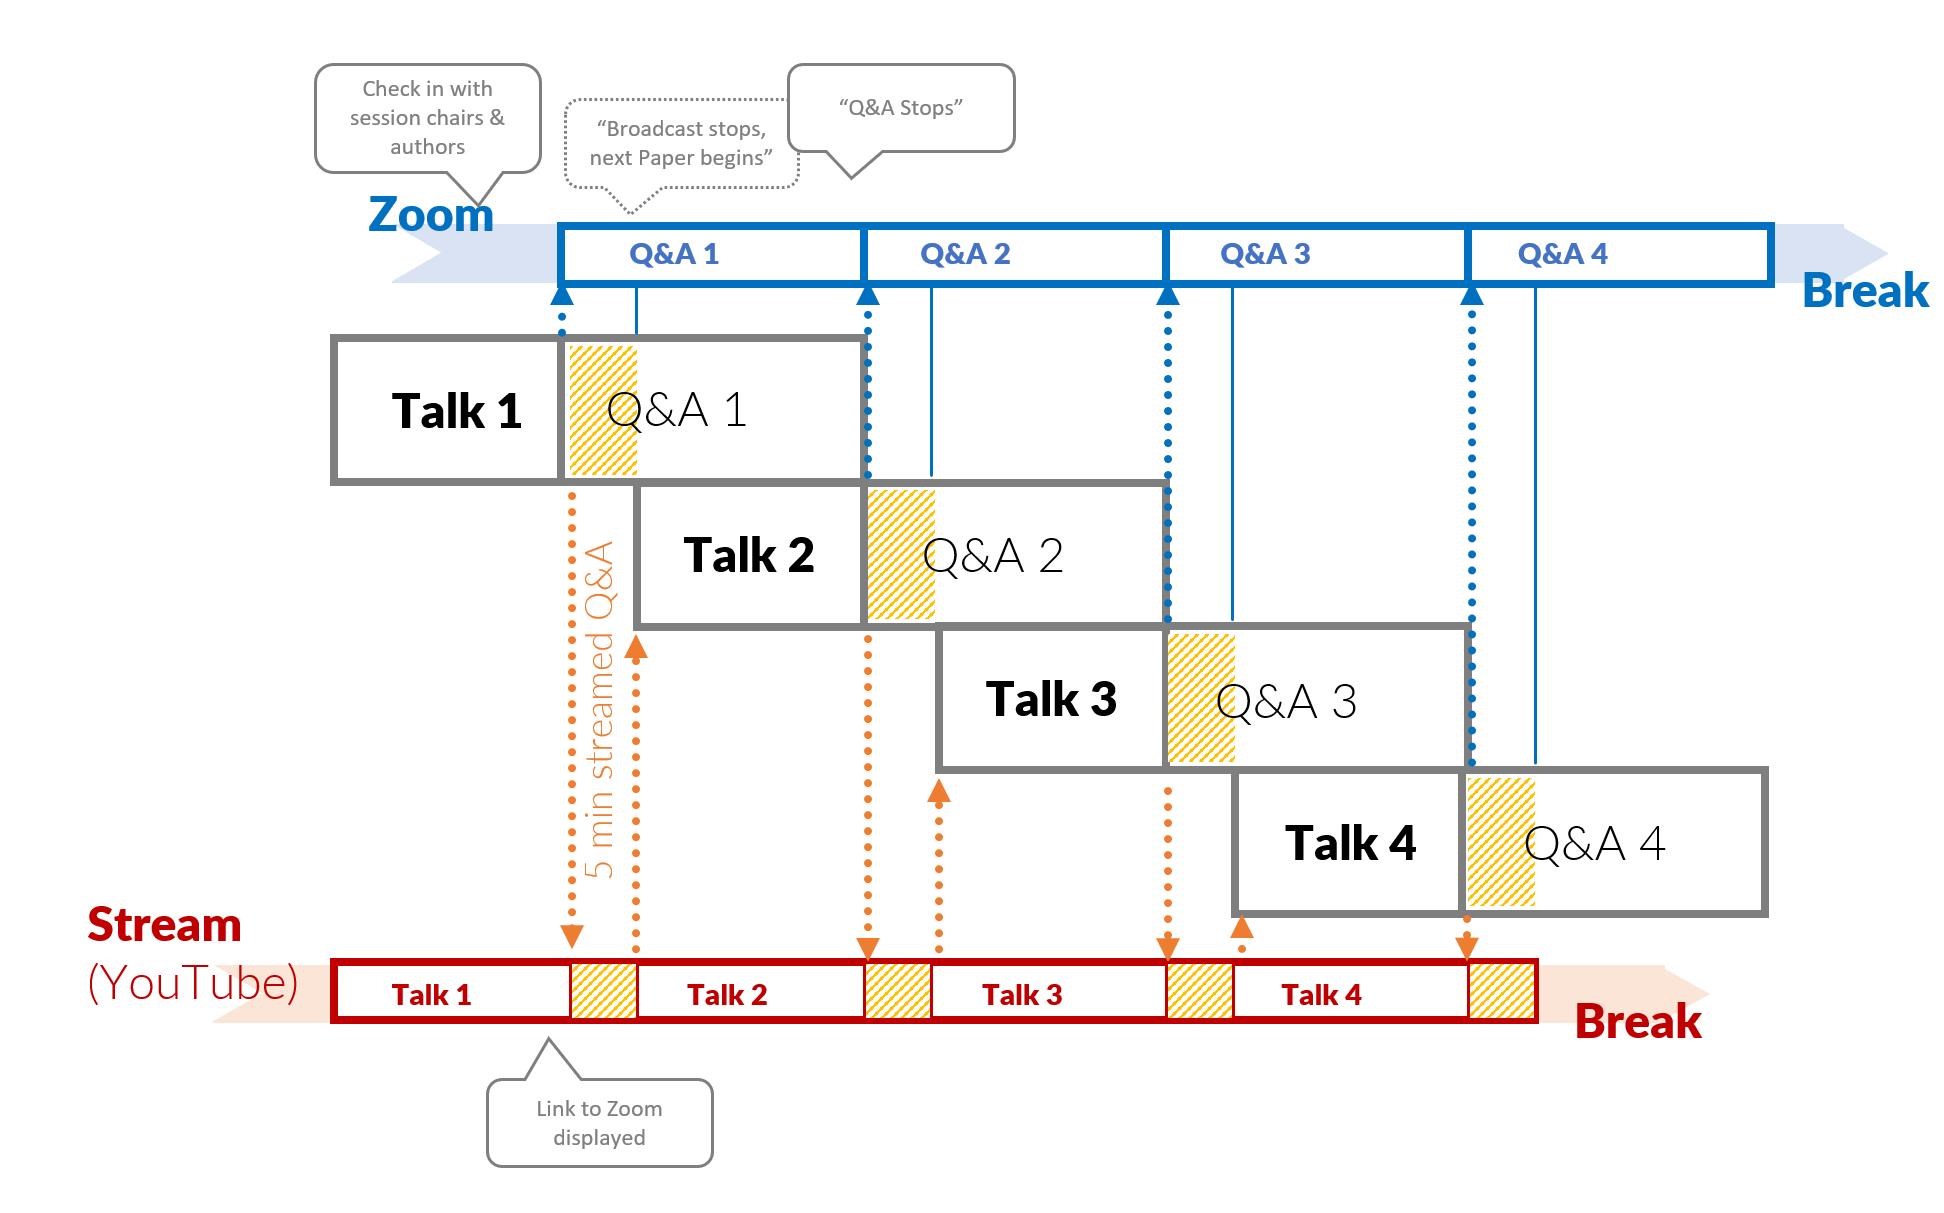 SPLASH Technical Session Timeline